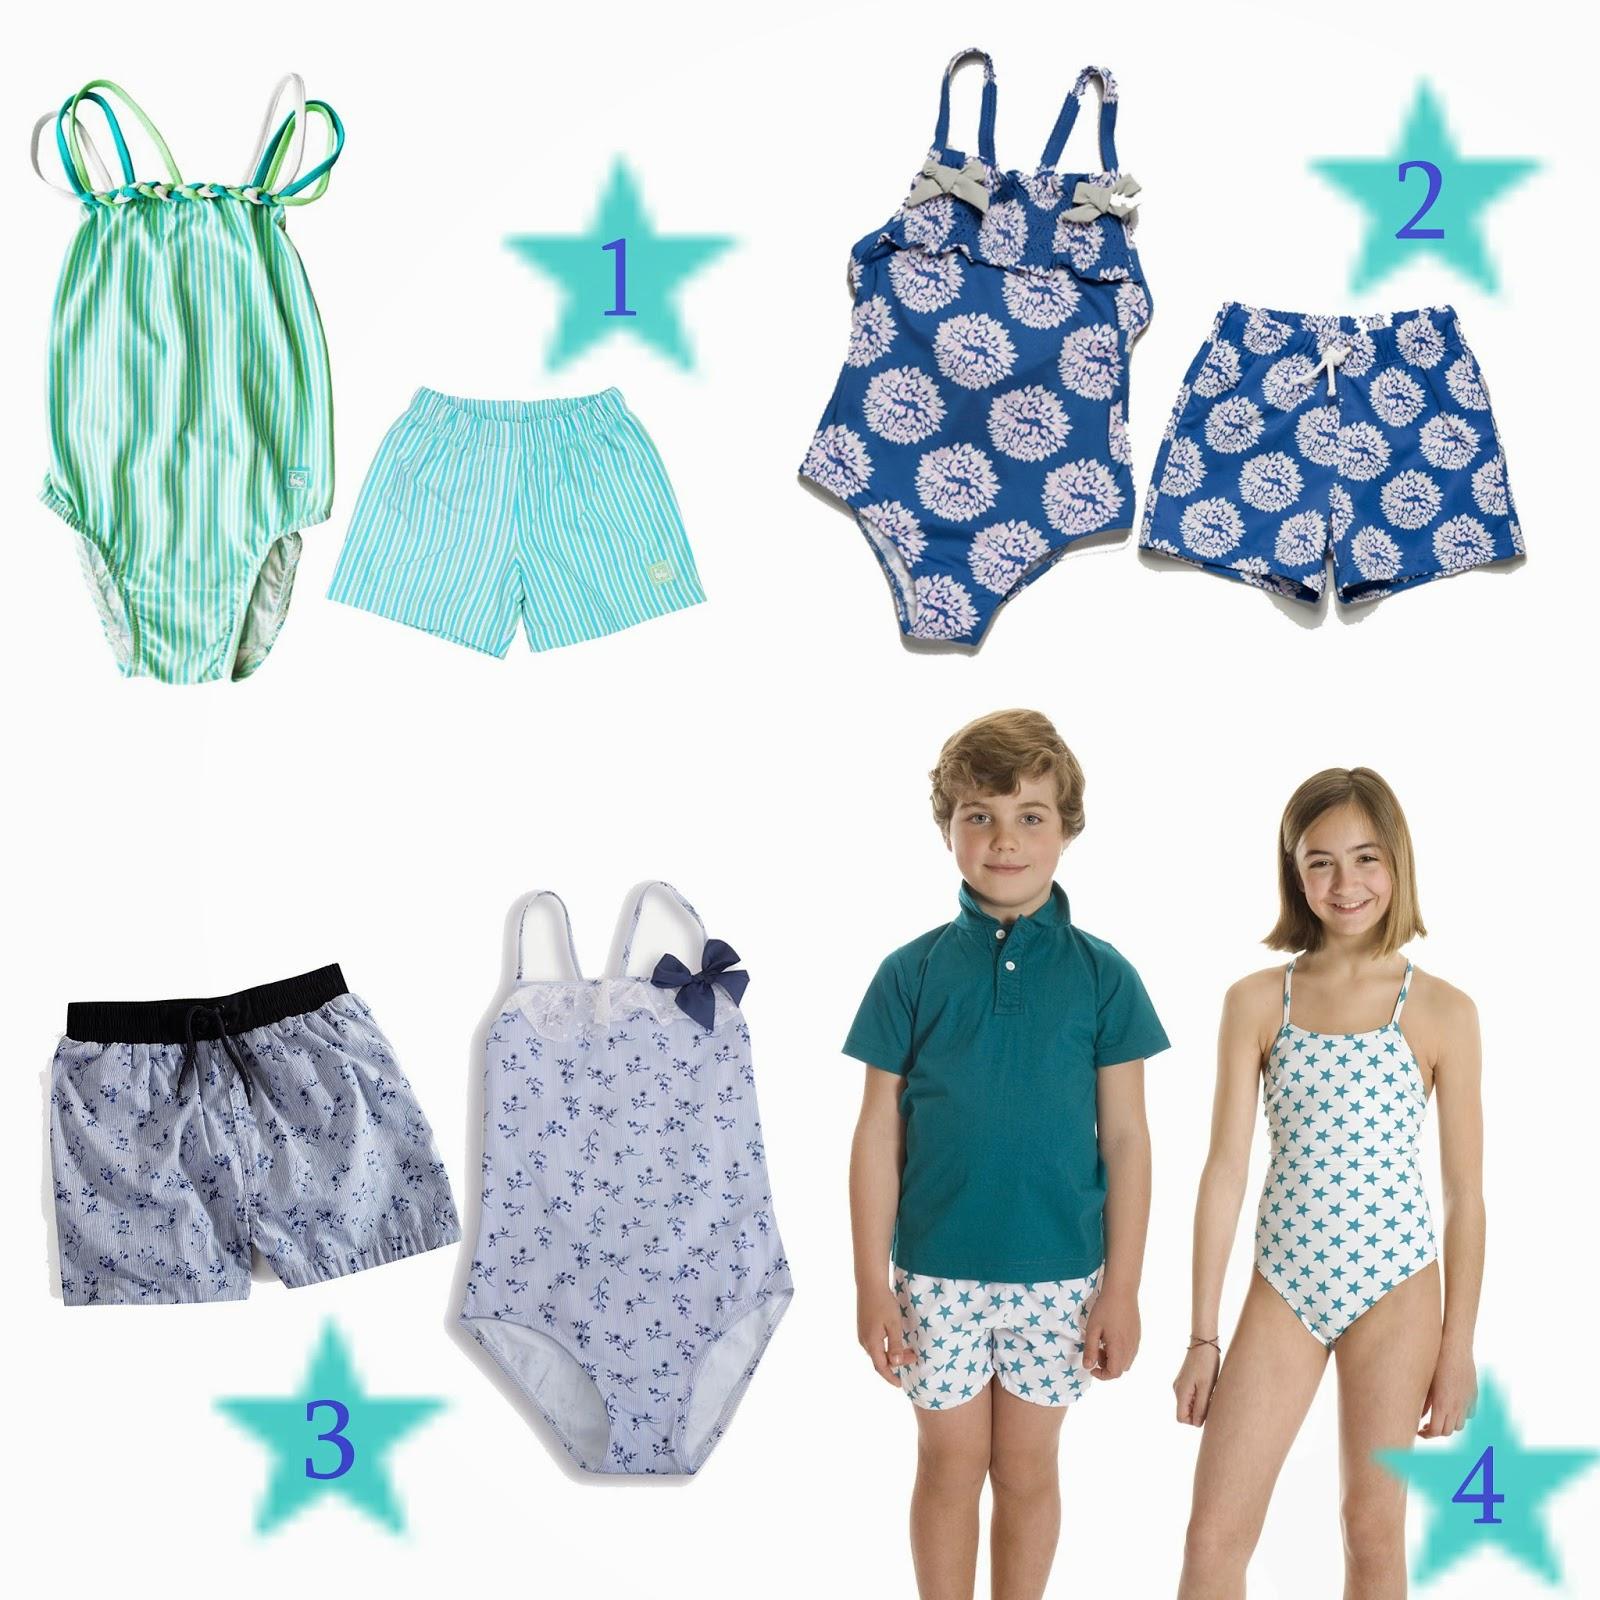 photo-kids-swimsuits-bañadores_niños-2014-nicolete-neck&neck-tizzas-lolilota